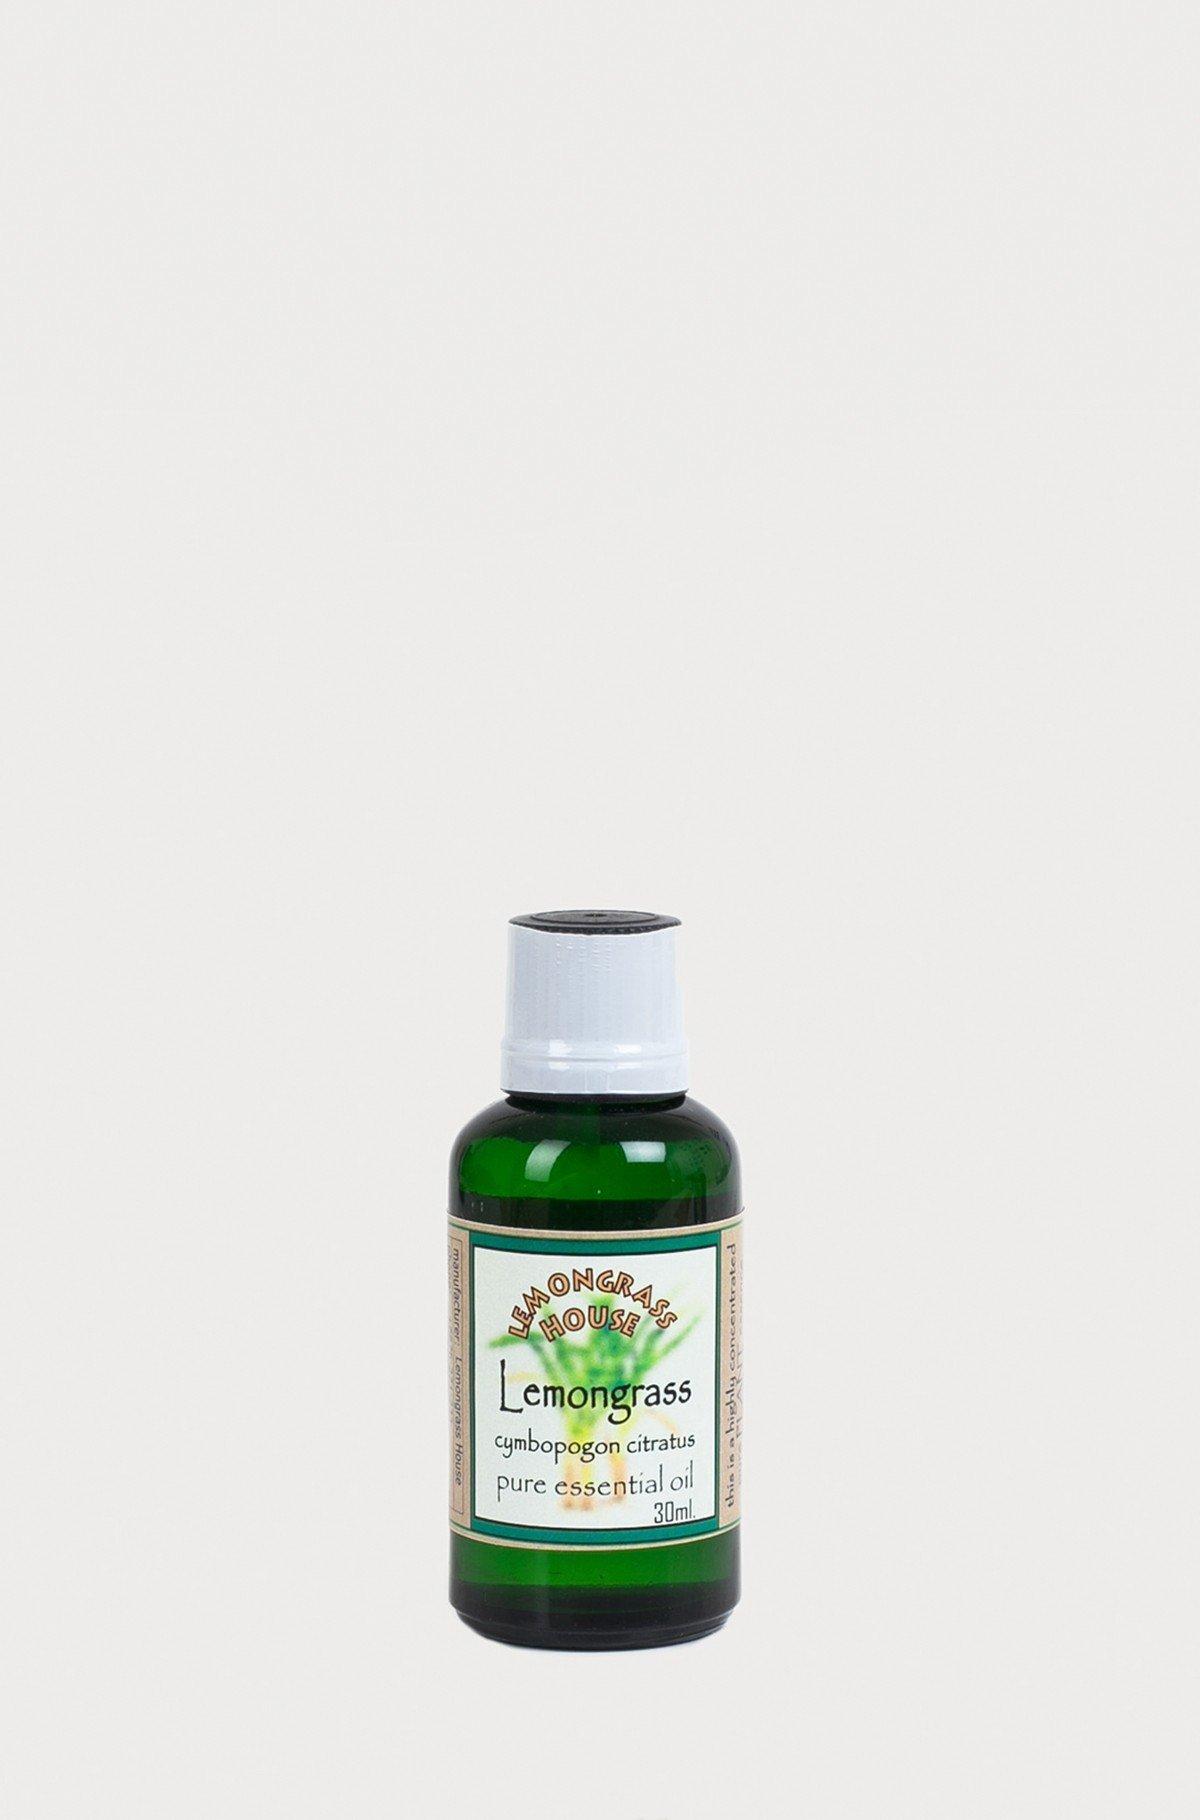 Eeterlik õli Lemongrass 30ml-full-1